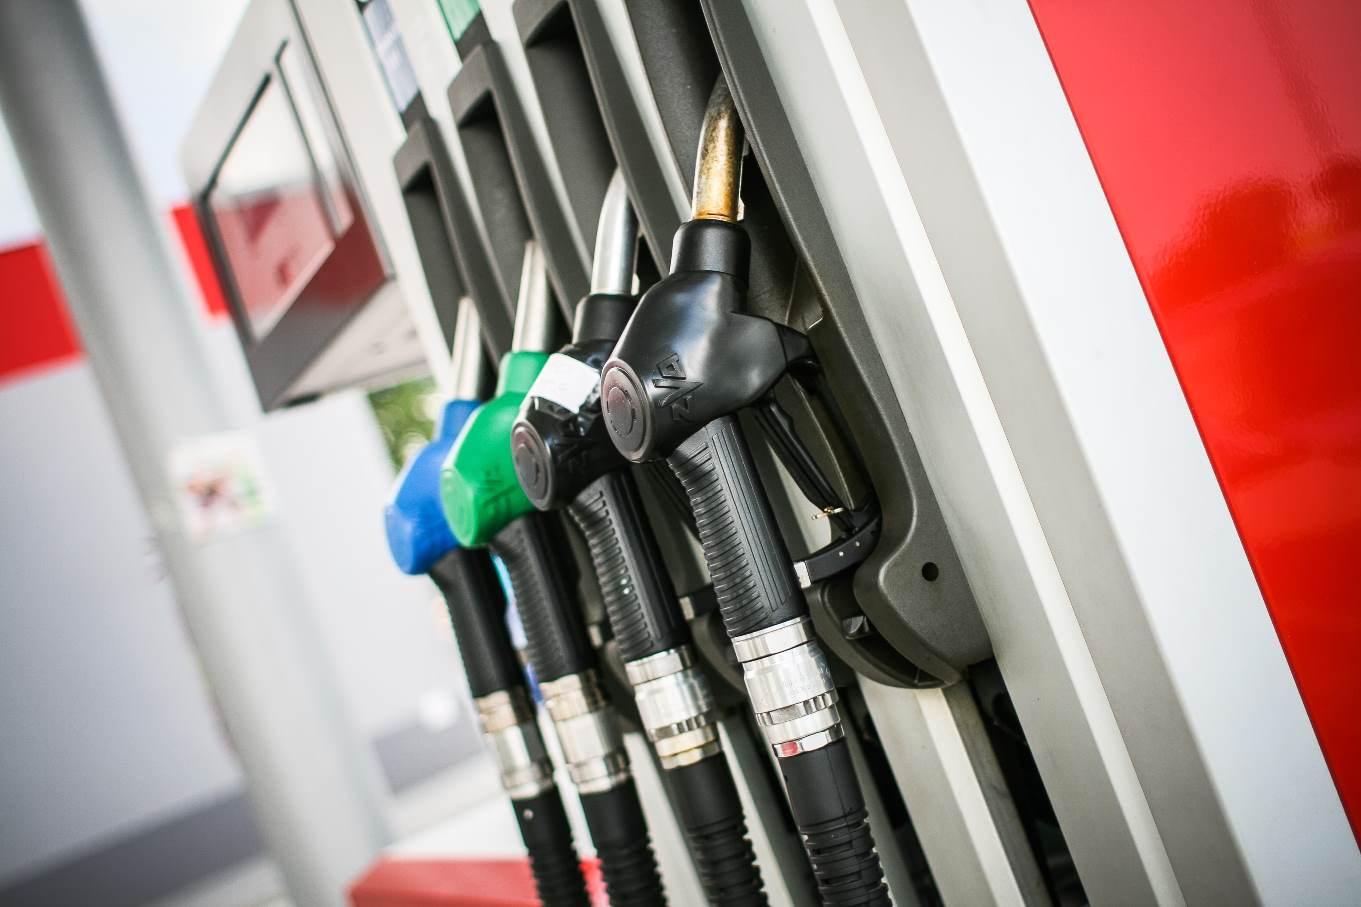 Цены на бензин на бирже приблизились к историческим максимумам